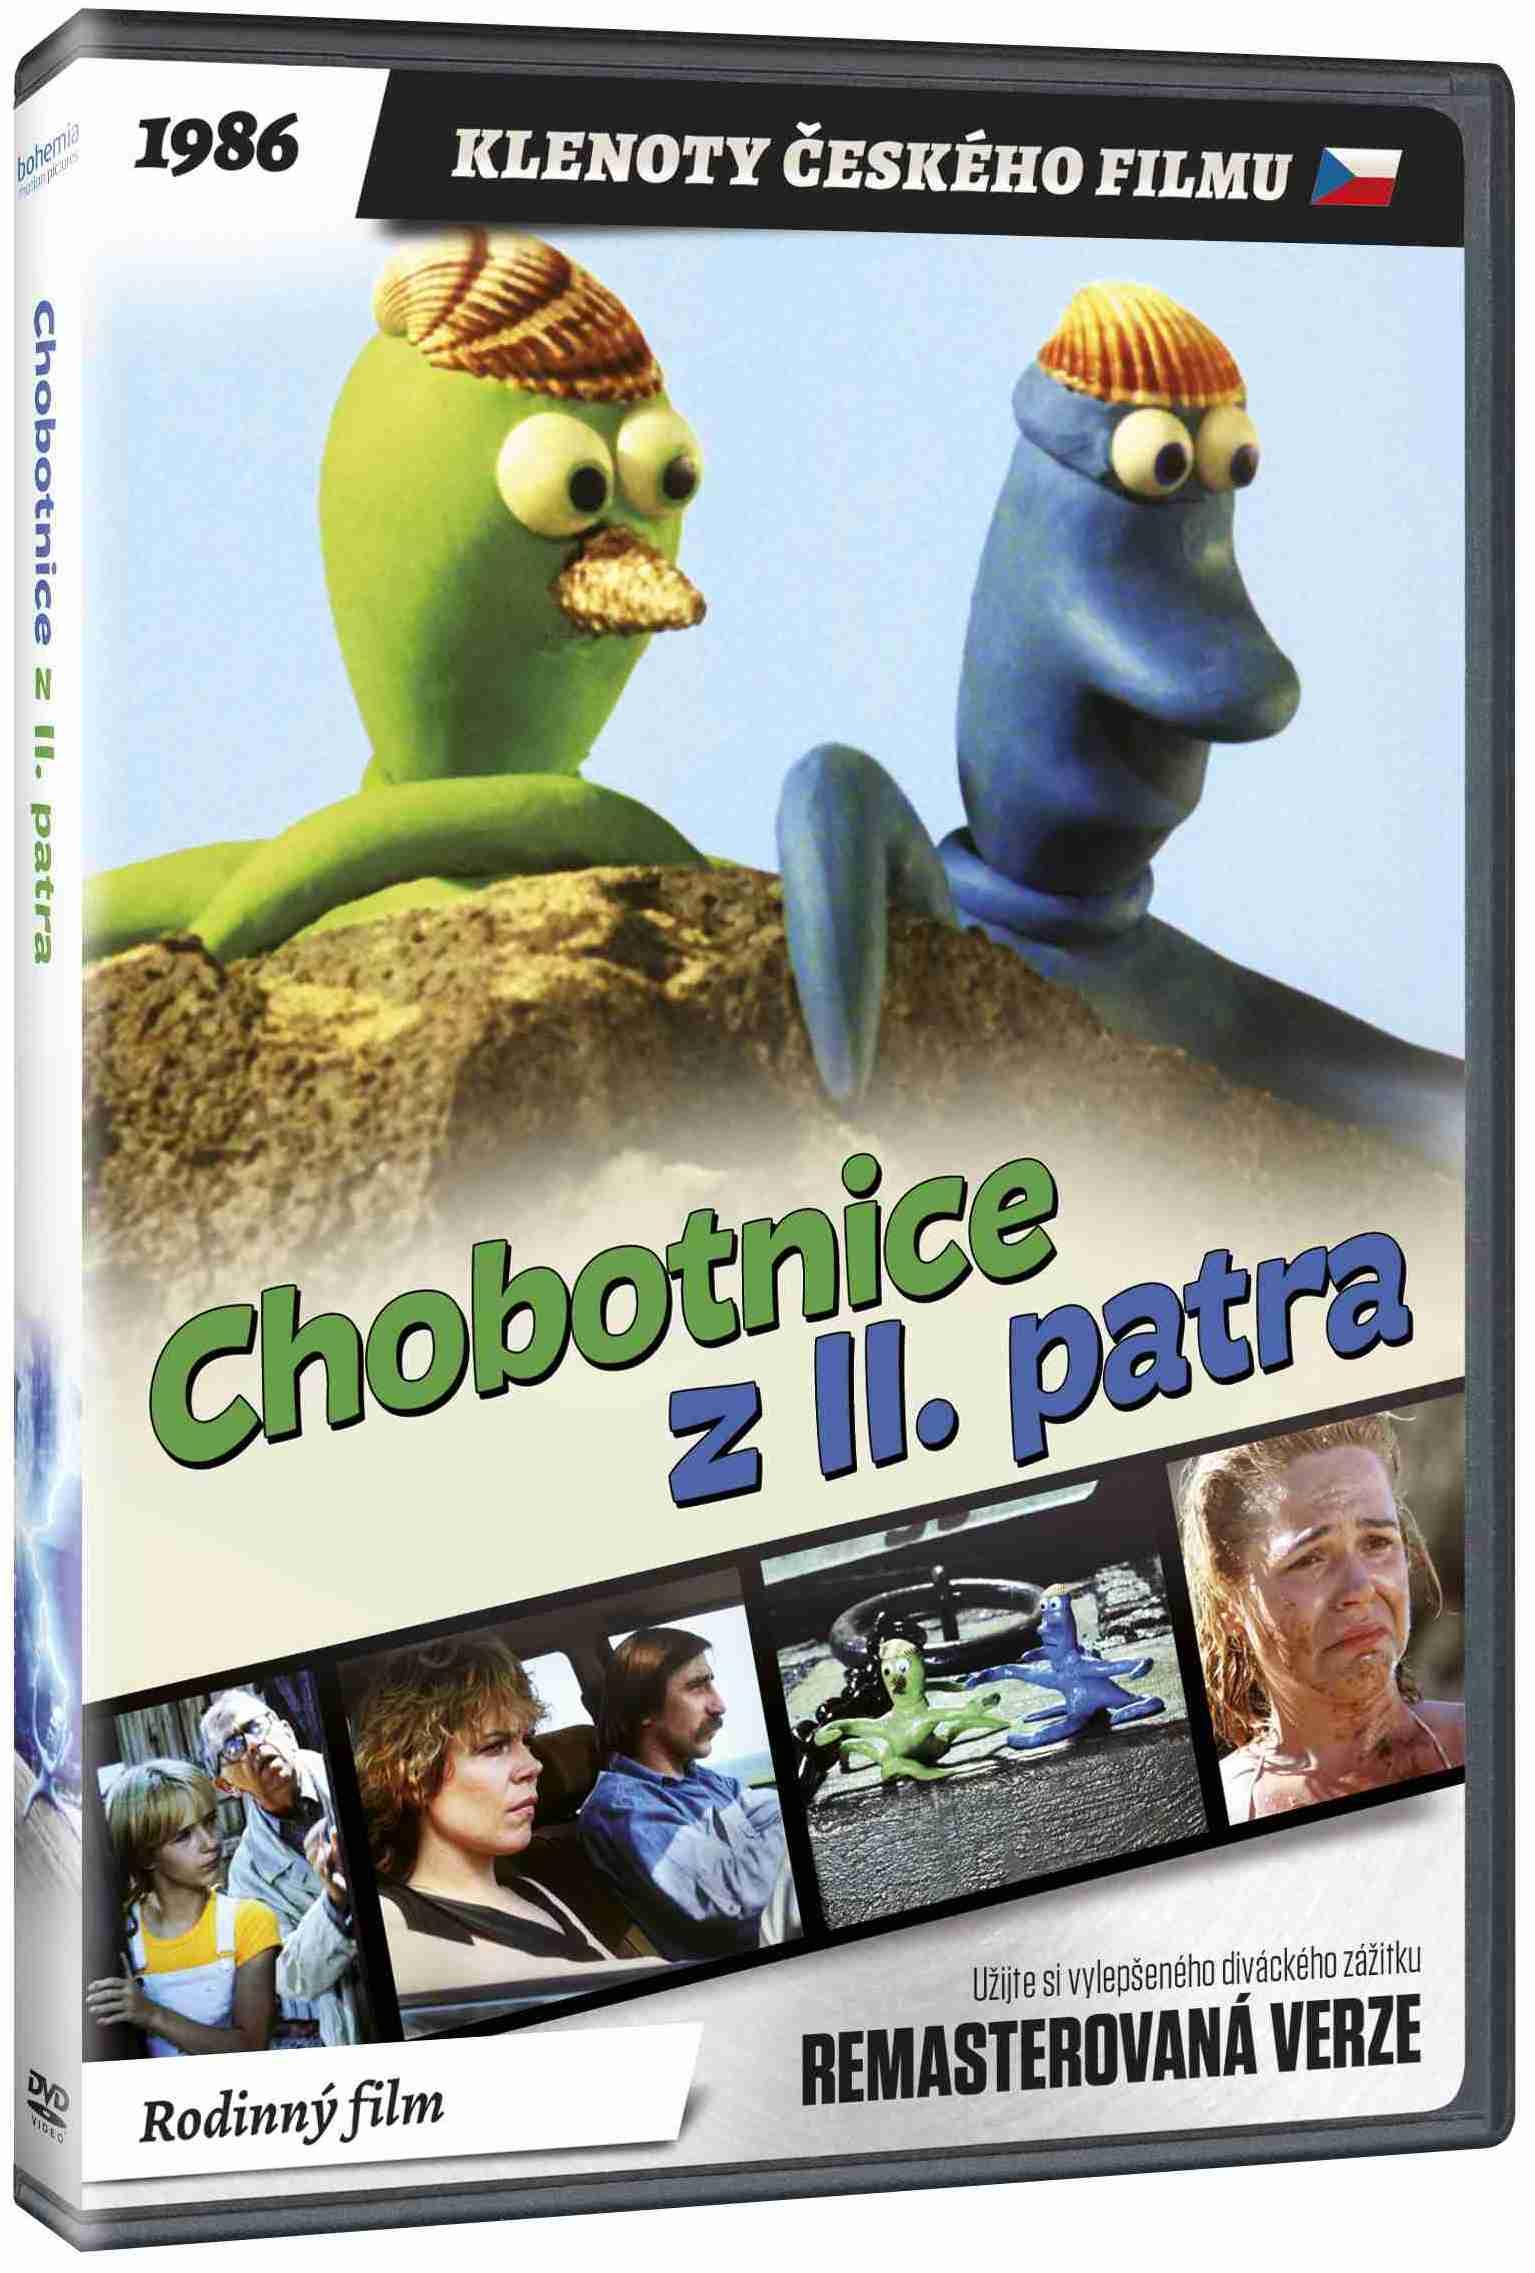 Chobotnice z II. patra (remasterovaná verze) - DVD